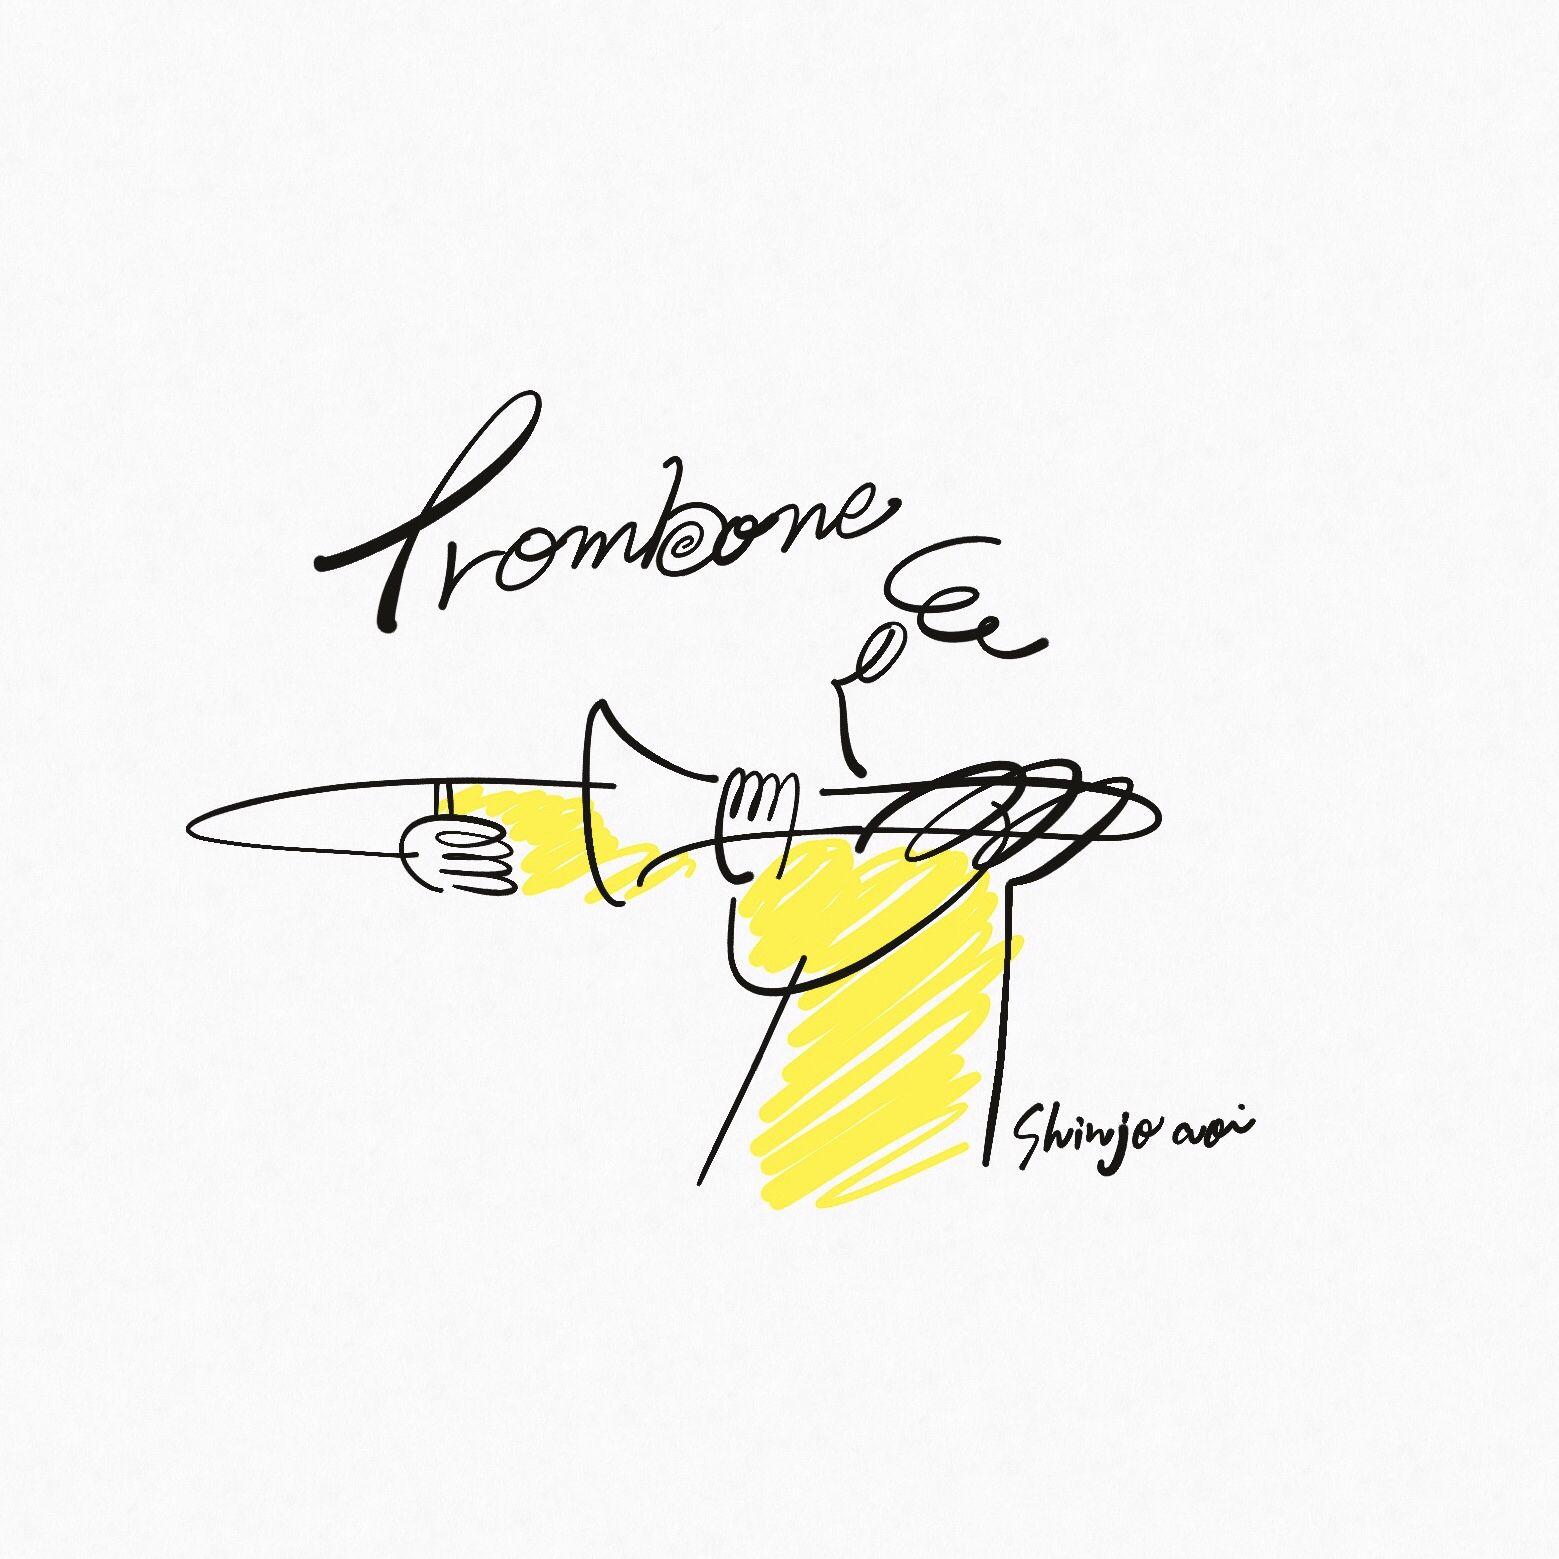 Play Trombone トロンボーン サックス イラスト トロンボーン イラスト